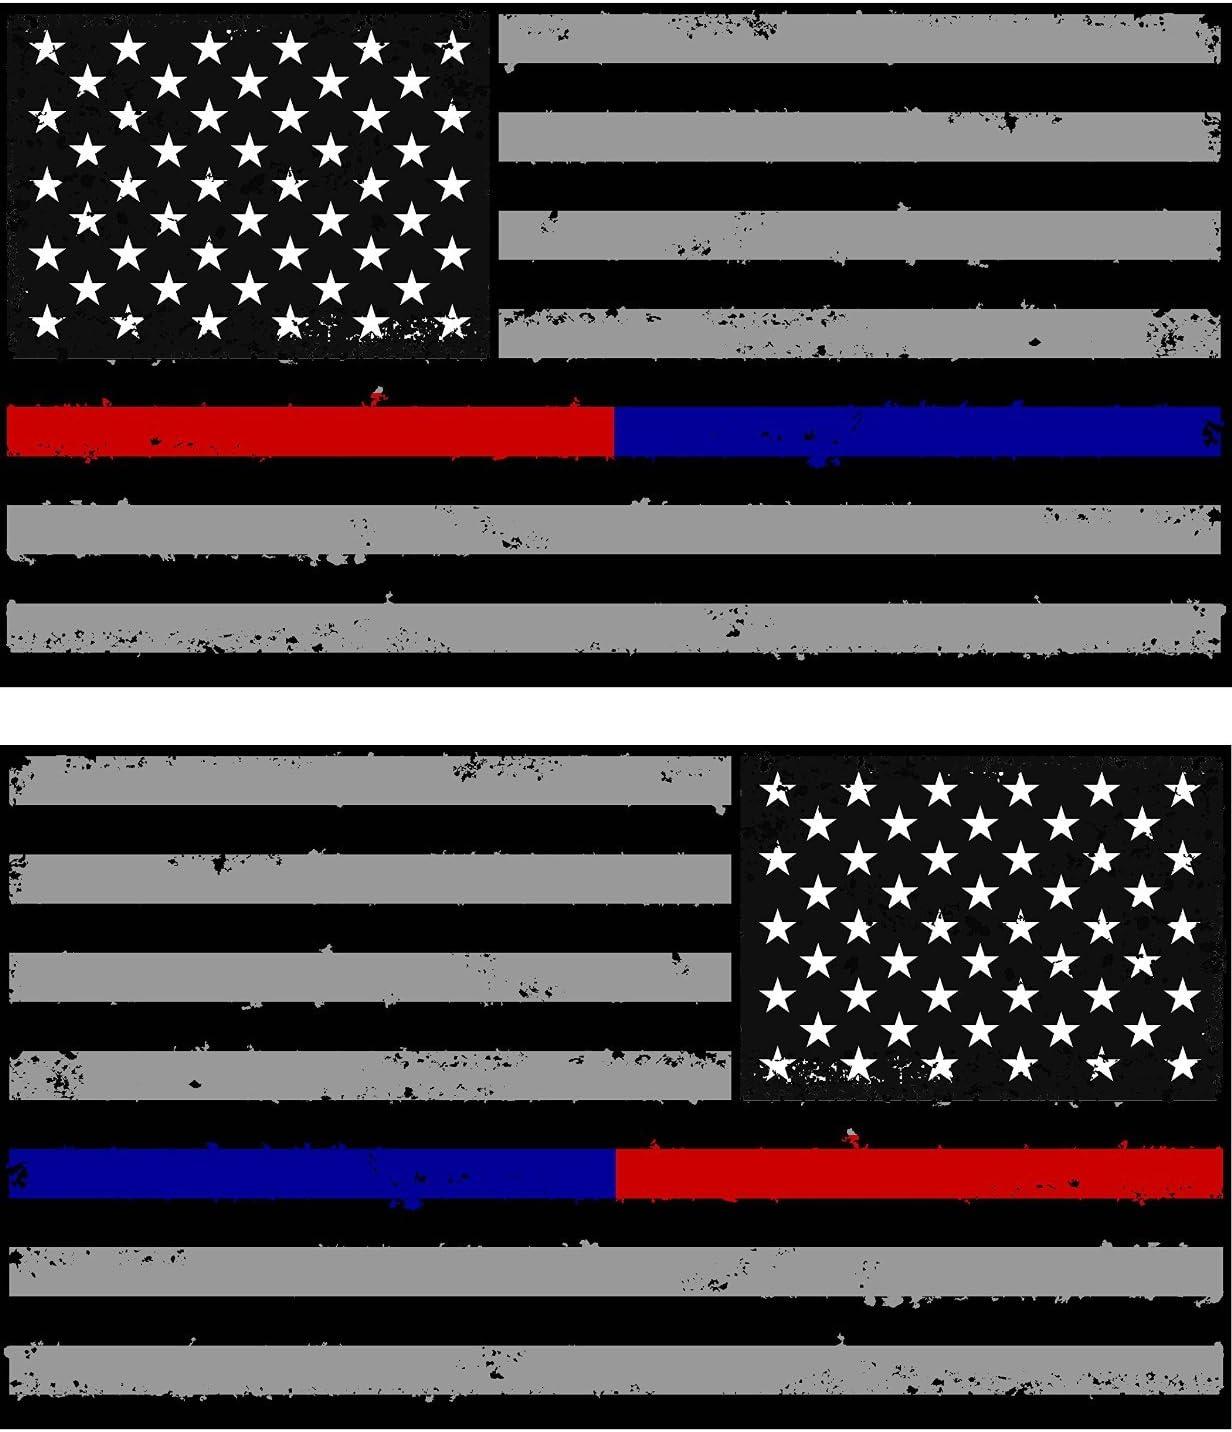 Pack de Tattered Policía y Bomberos delgada línea azul/rojo americano bandera adhesivos pegatinas X2/dos izquierda y derecha 3